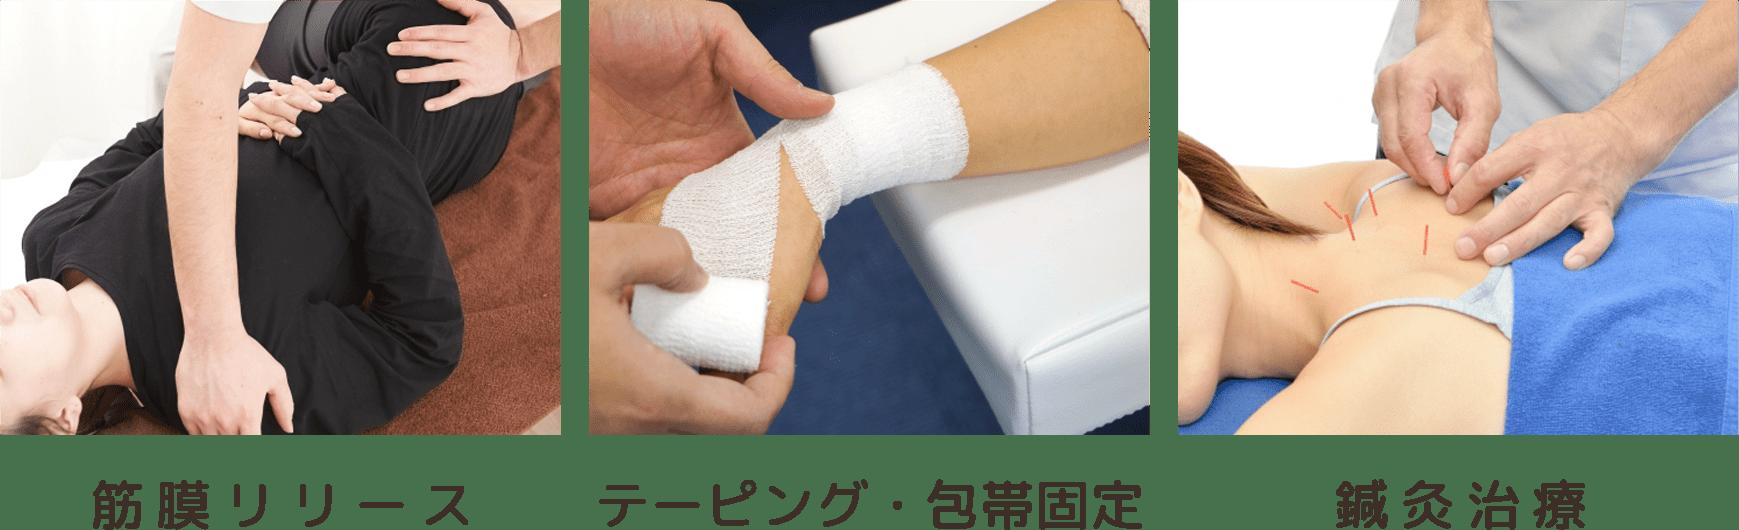 筋膜リリース、テーピング、包帯固定、鍼灸治療